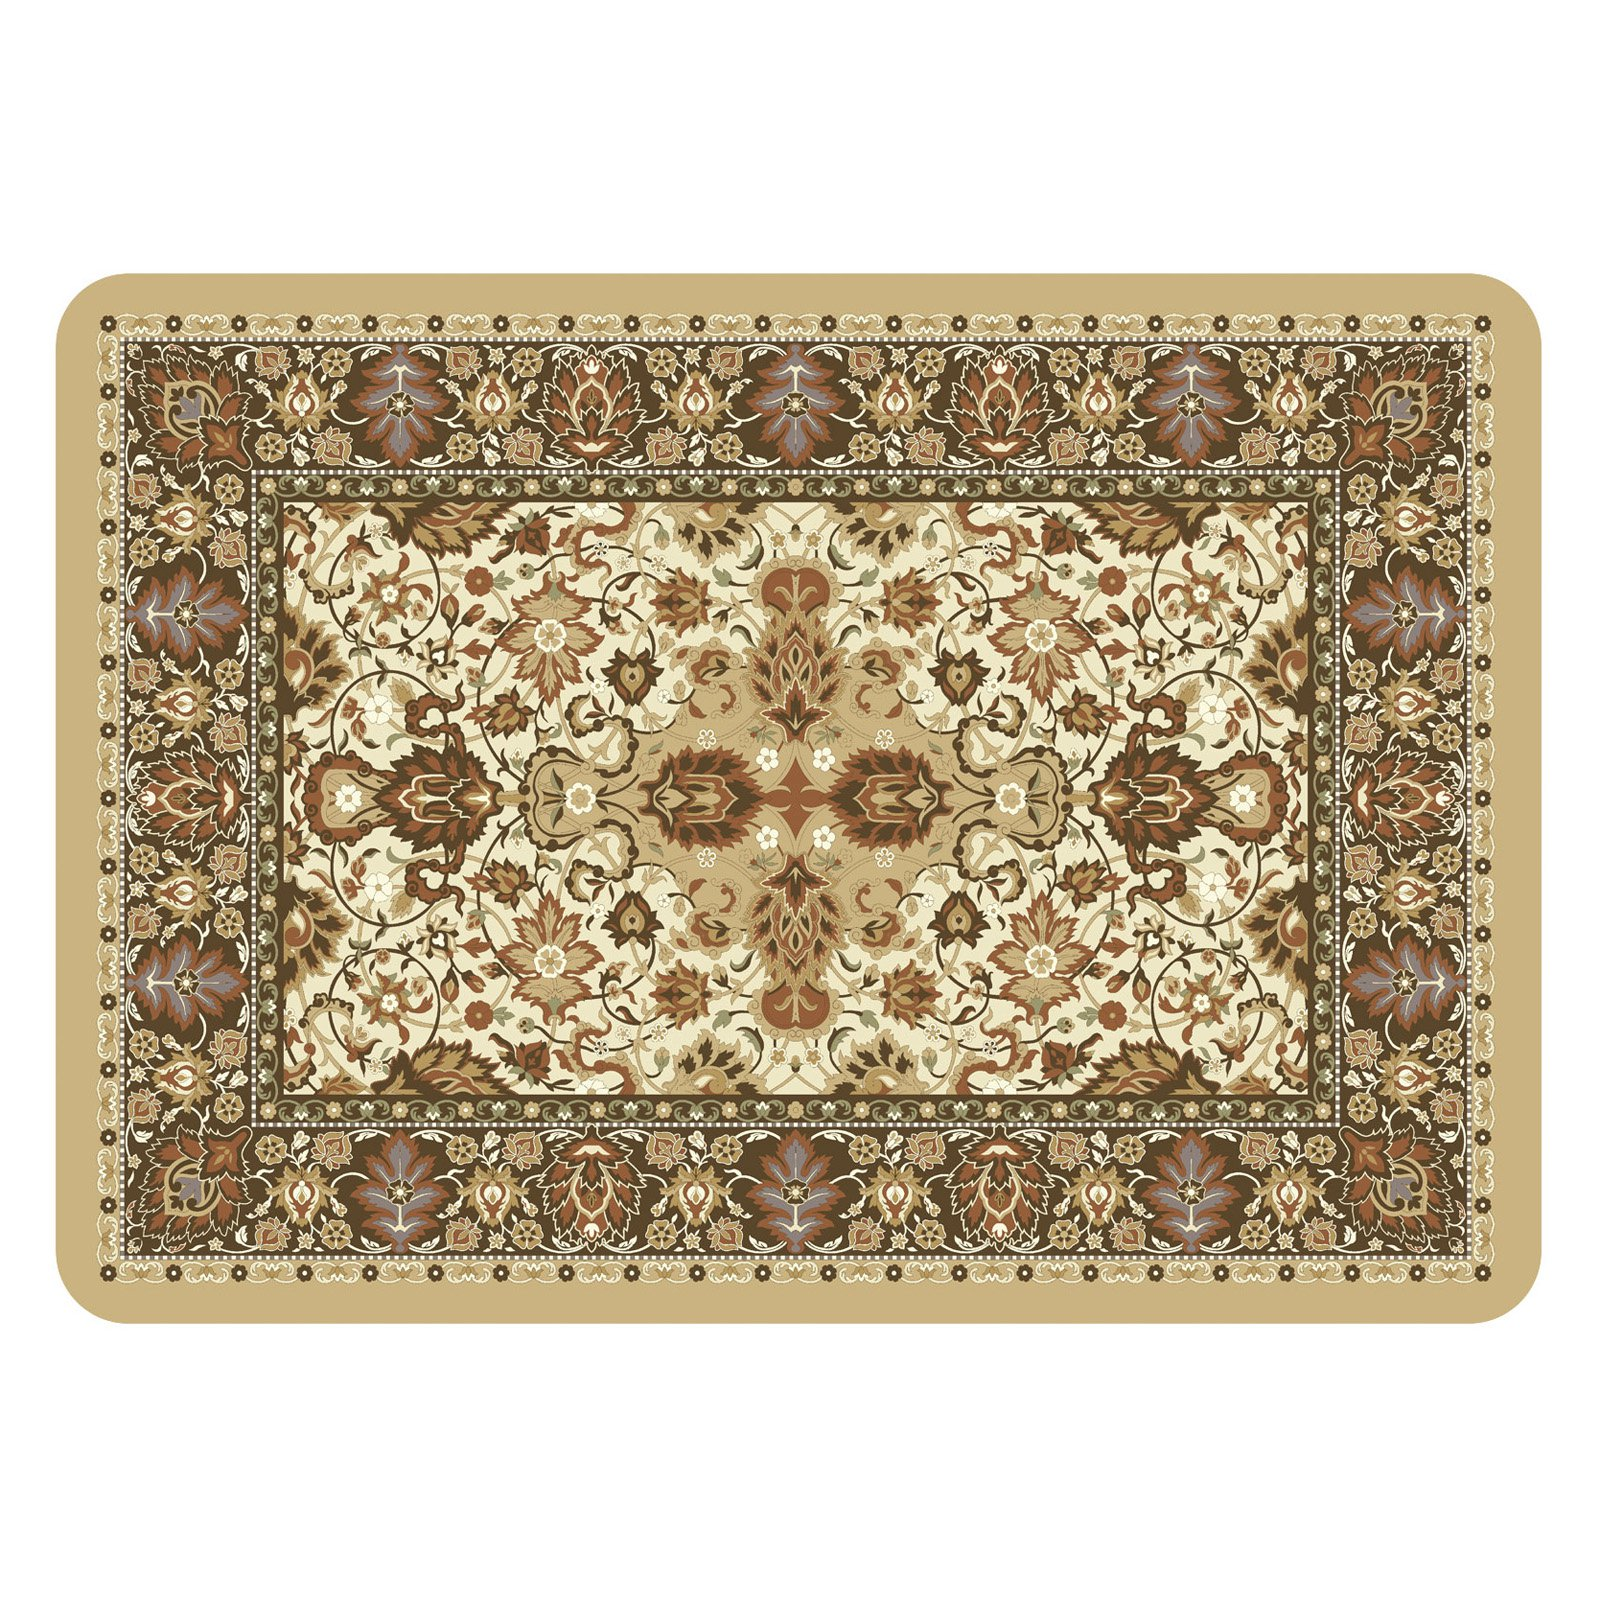 Bungalow Flooring Tabriz Indoor   Outdoor Doormat 1.83 x 2.58 ft. by